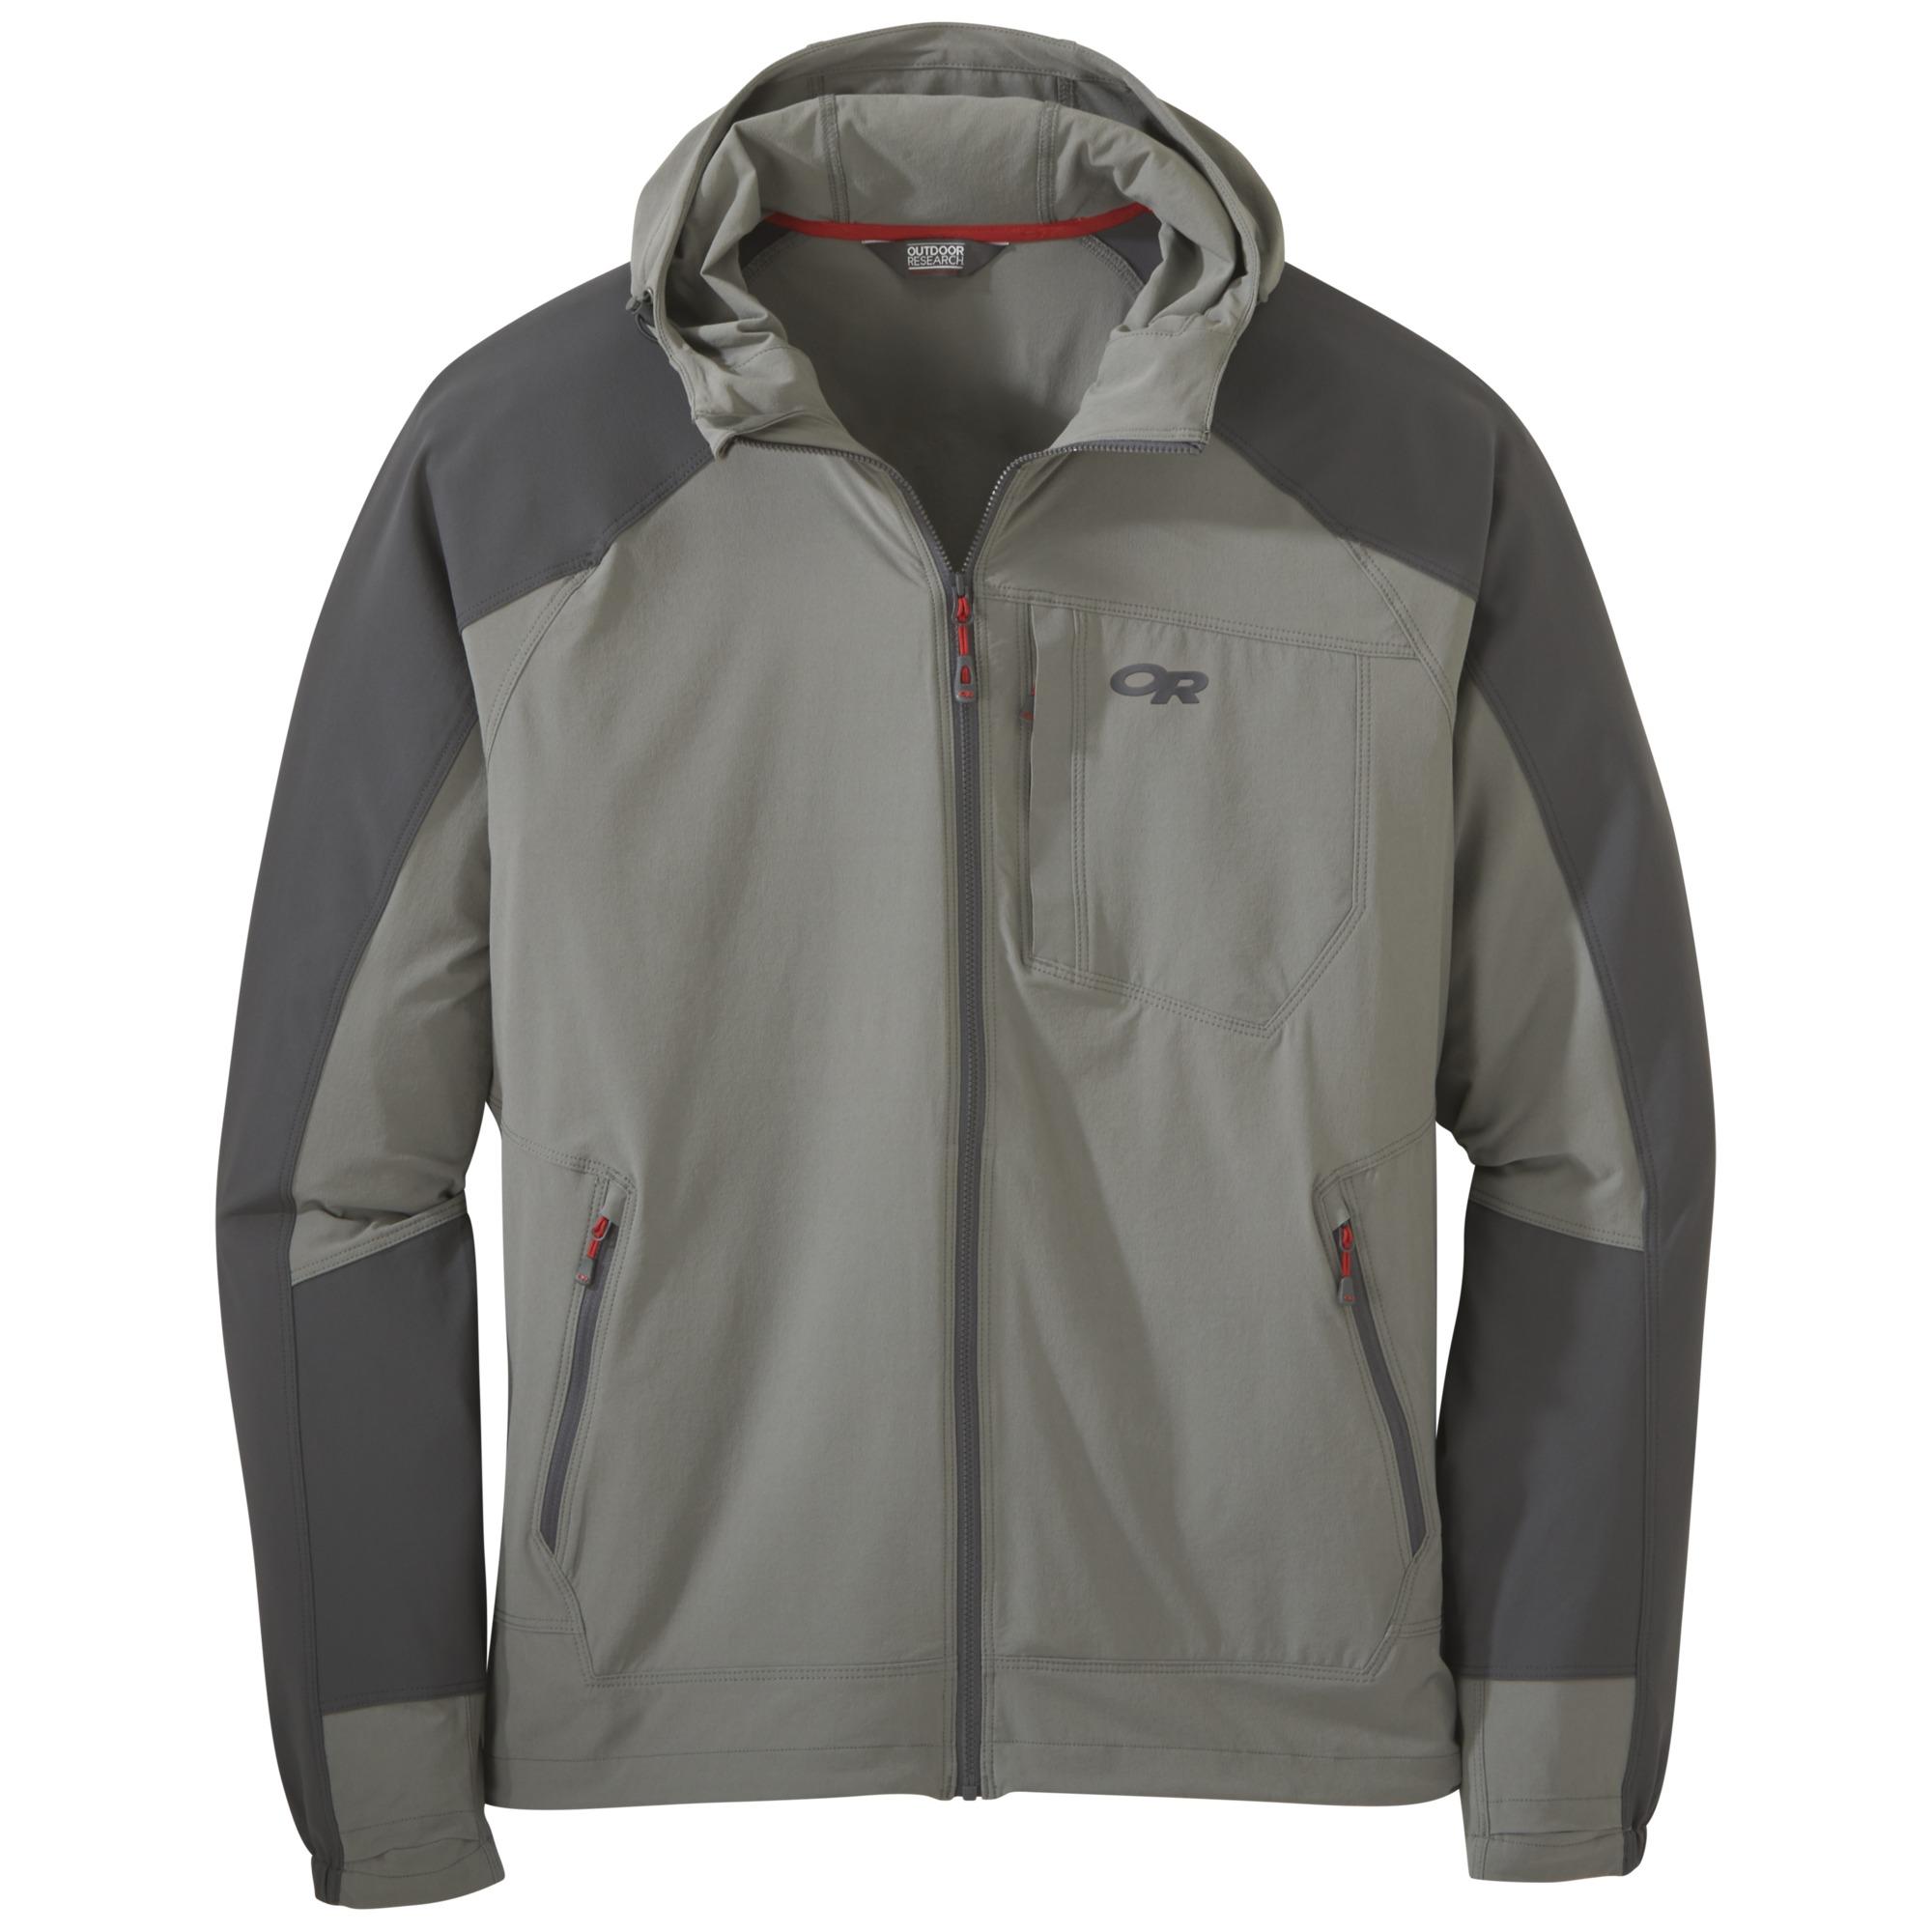 Ferrosi Hooded Jacket -Men's